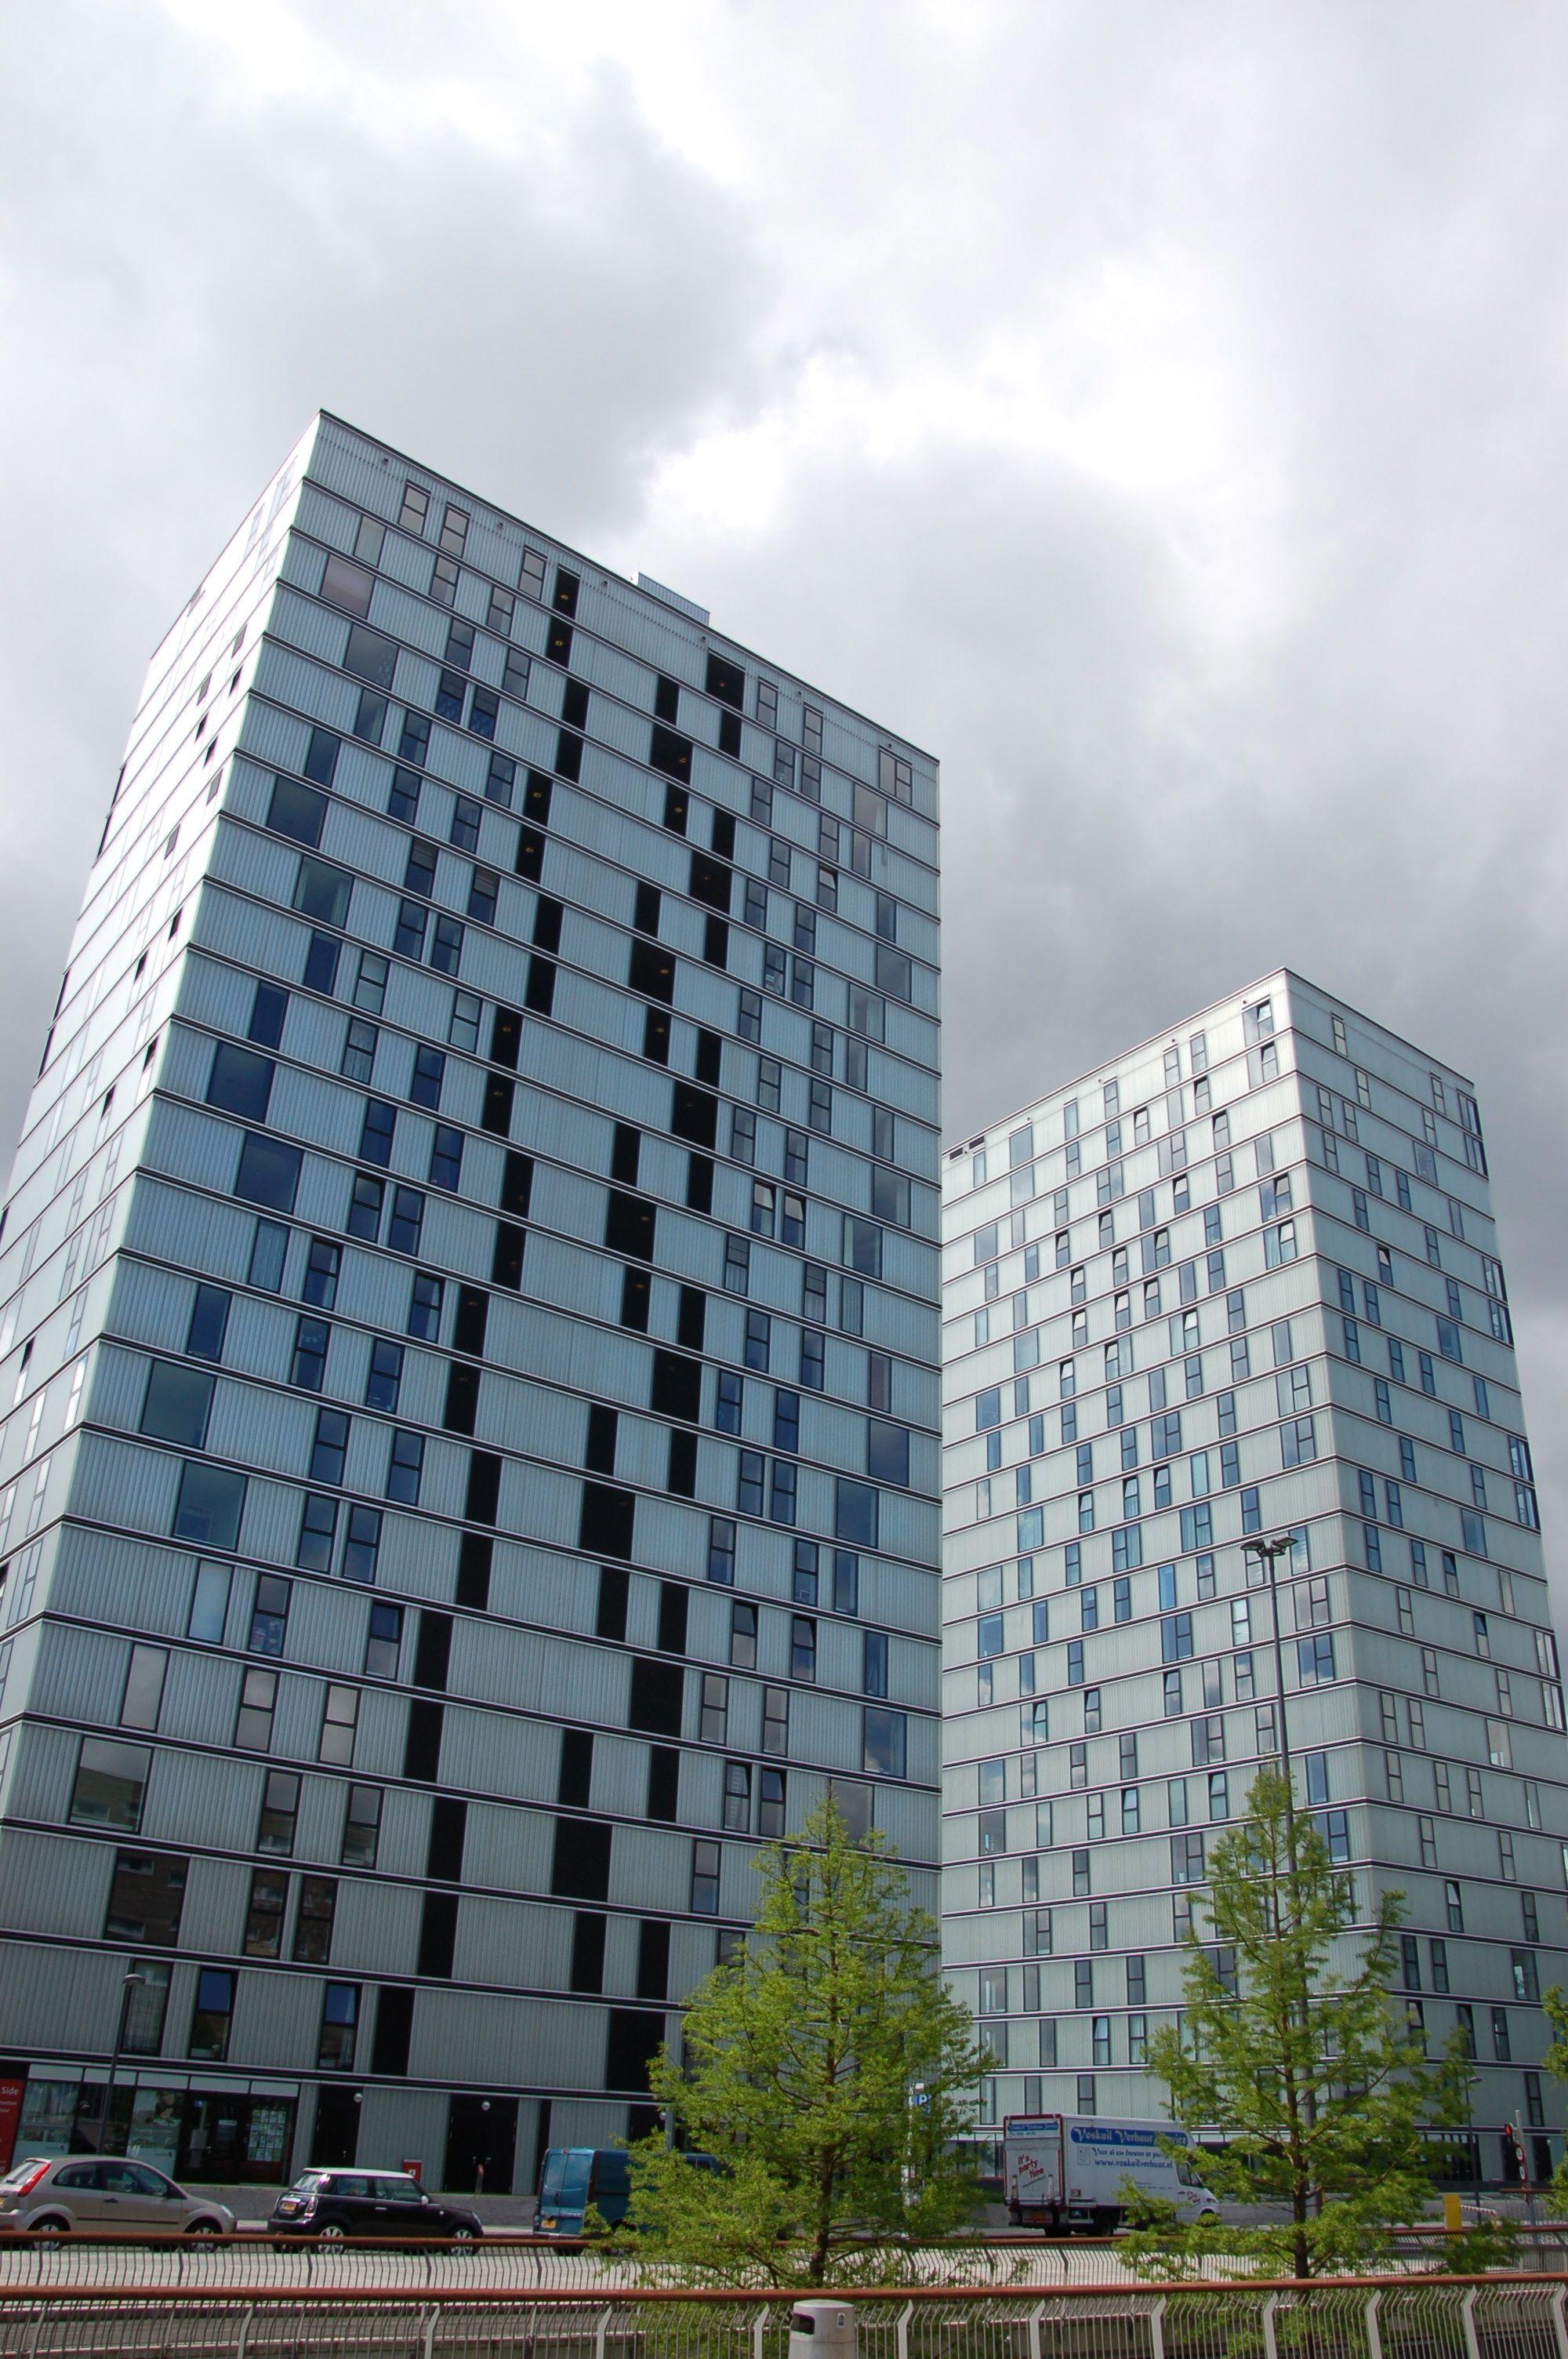 Flexibler Grundriss: Die Hochhäuser von F. J. van Dongen. (Bild: Ralf Johnen)